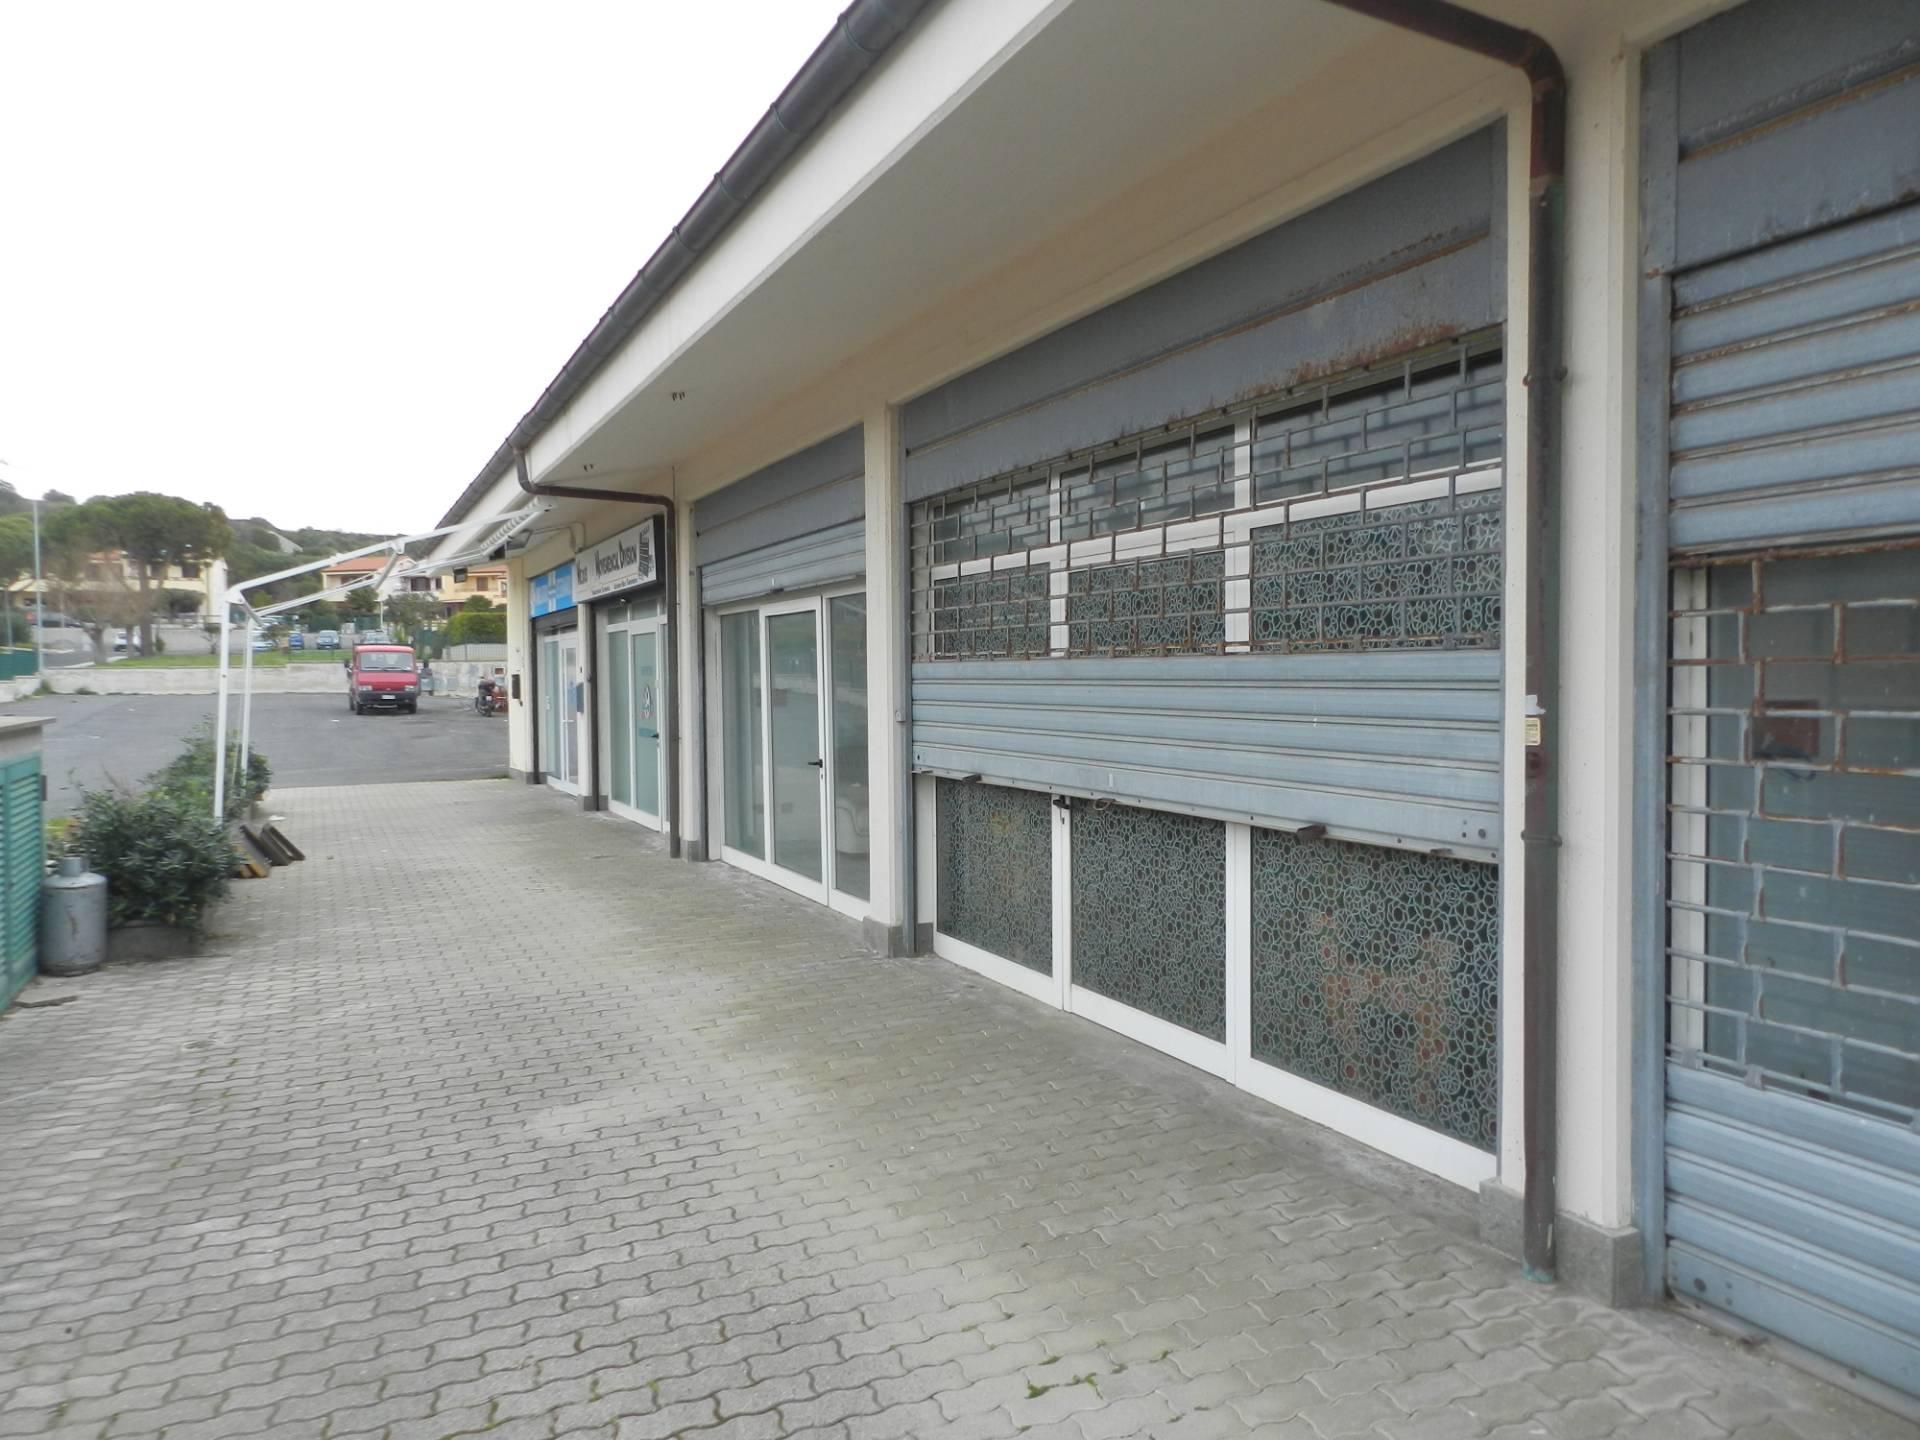 Negozio / Locale in vendita a Santa Marinella, 9999 locali, zona Località: Pratodelmare, prezzo € 38.000 | CambioCasa.it